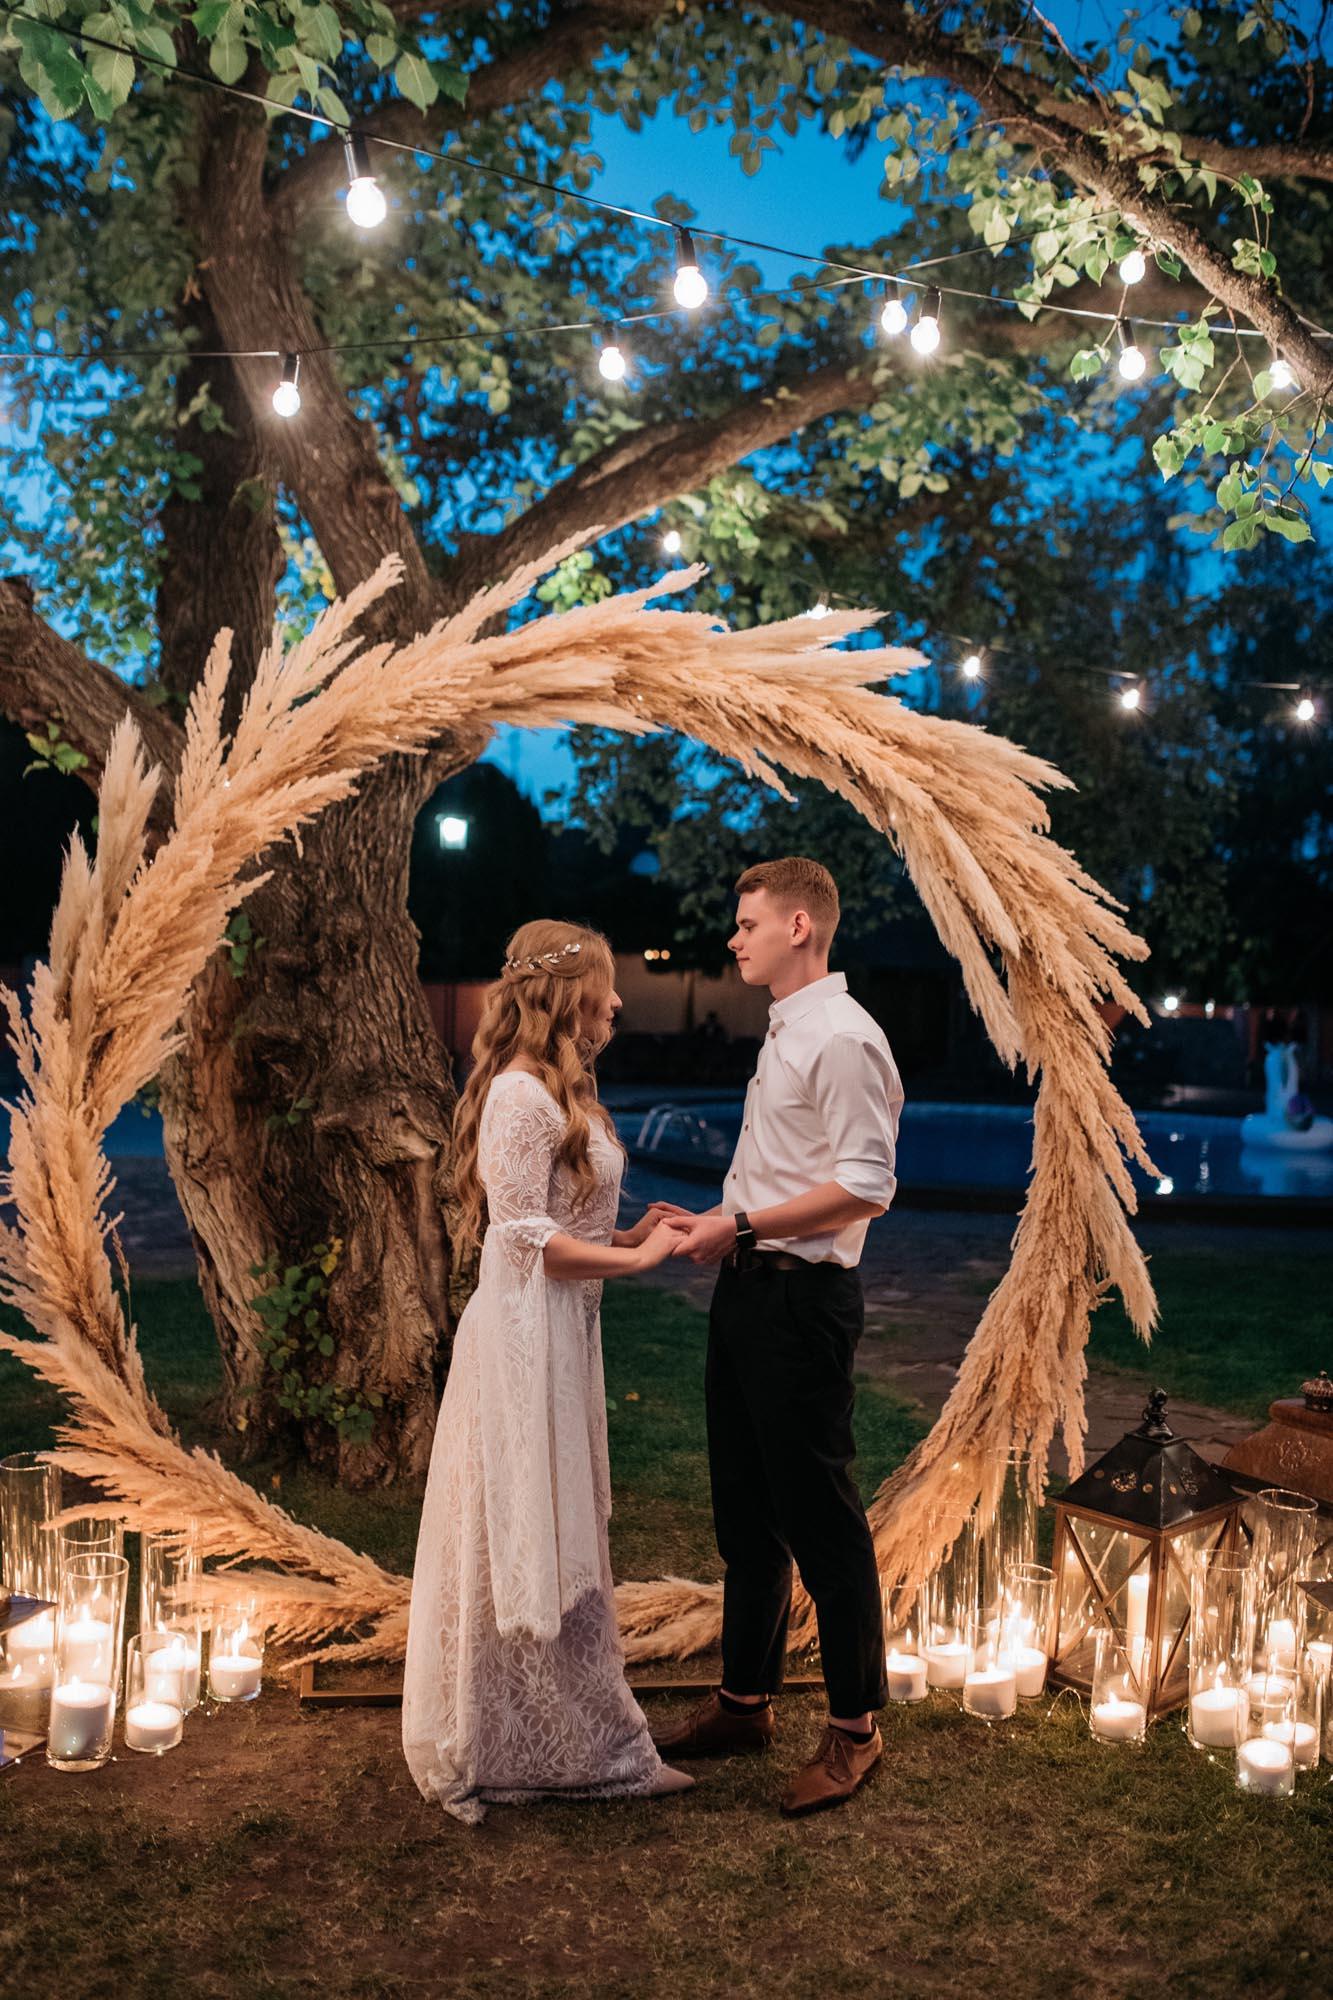 круглая свадебная арка идеи Киев